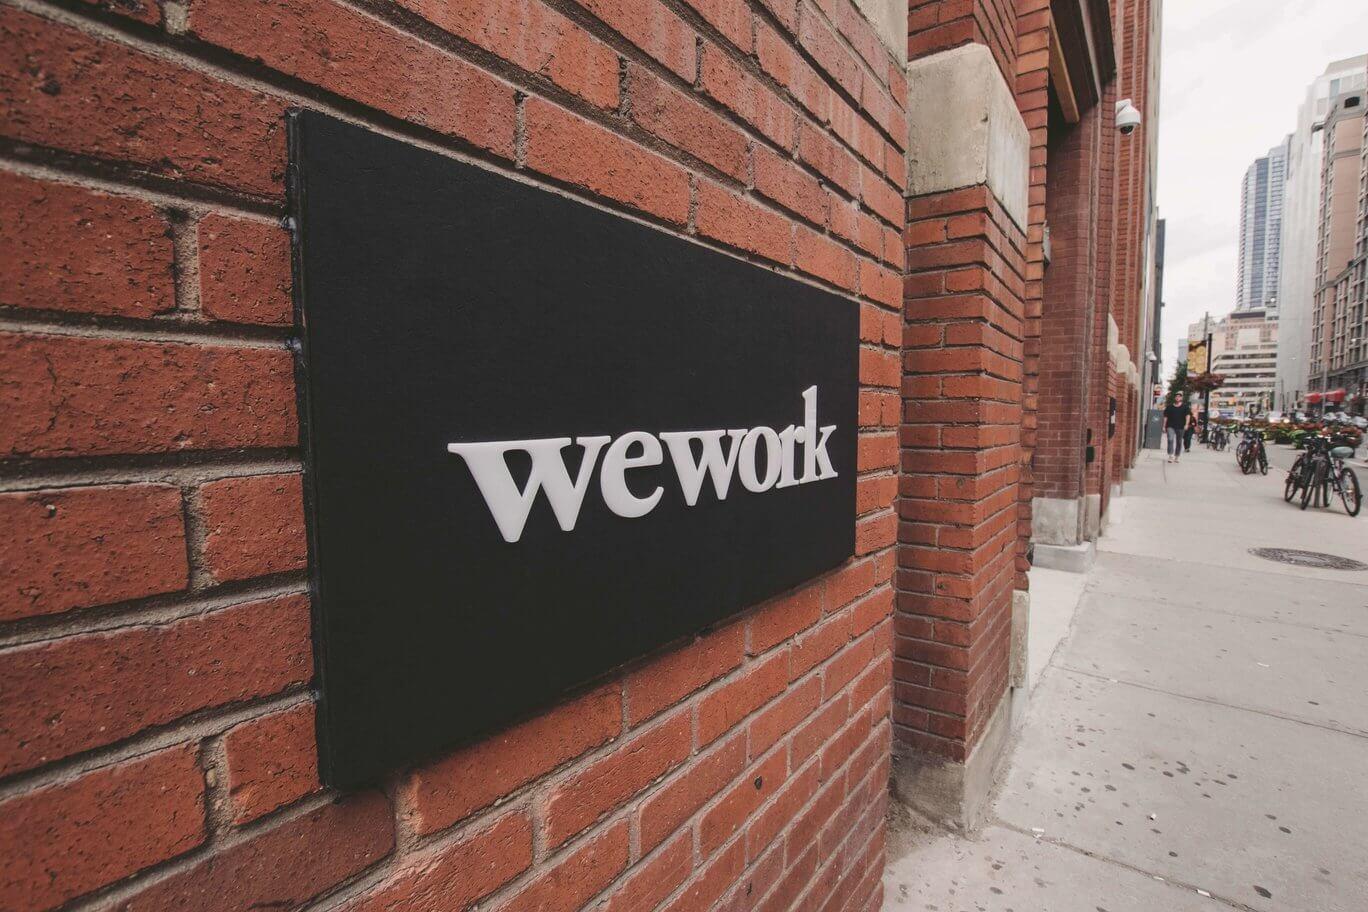 ¿Qué está pasando con WeWork?